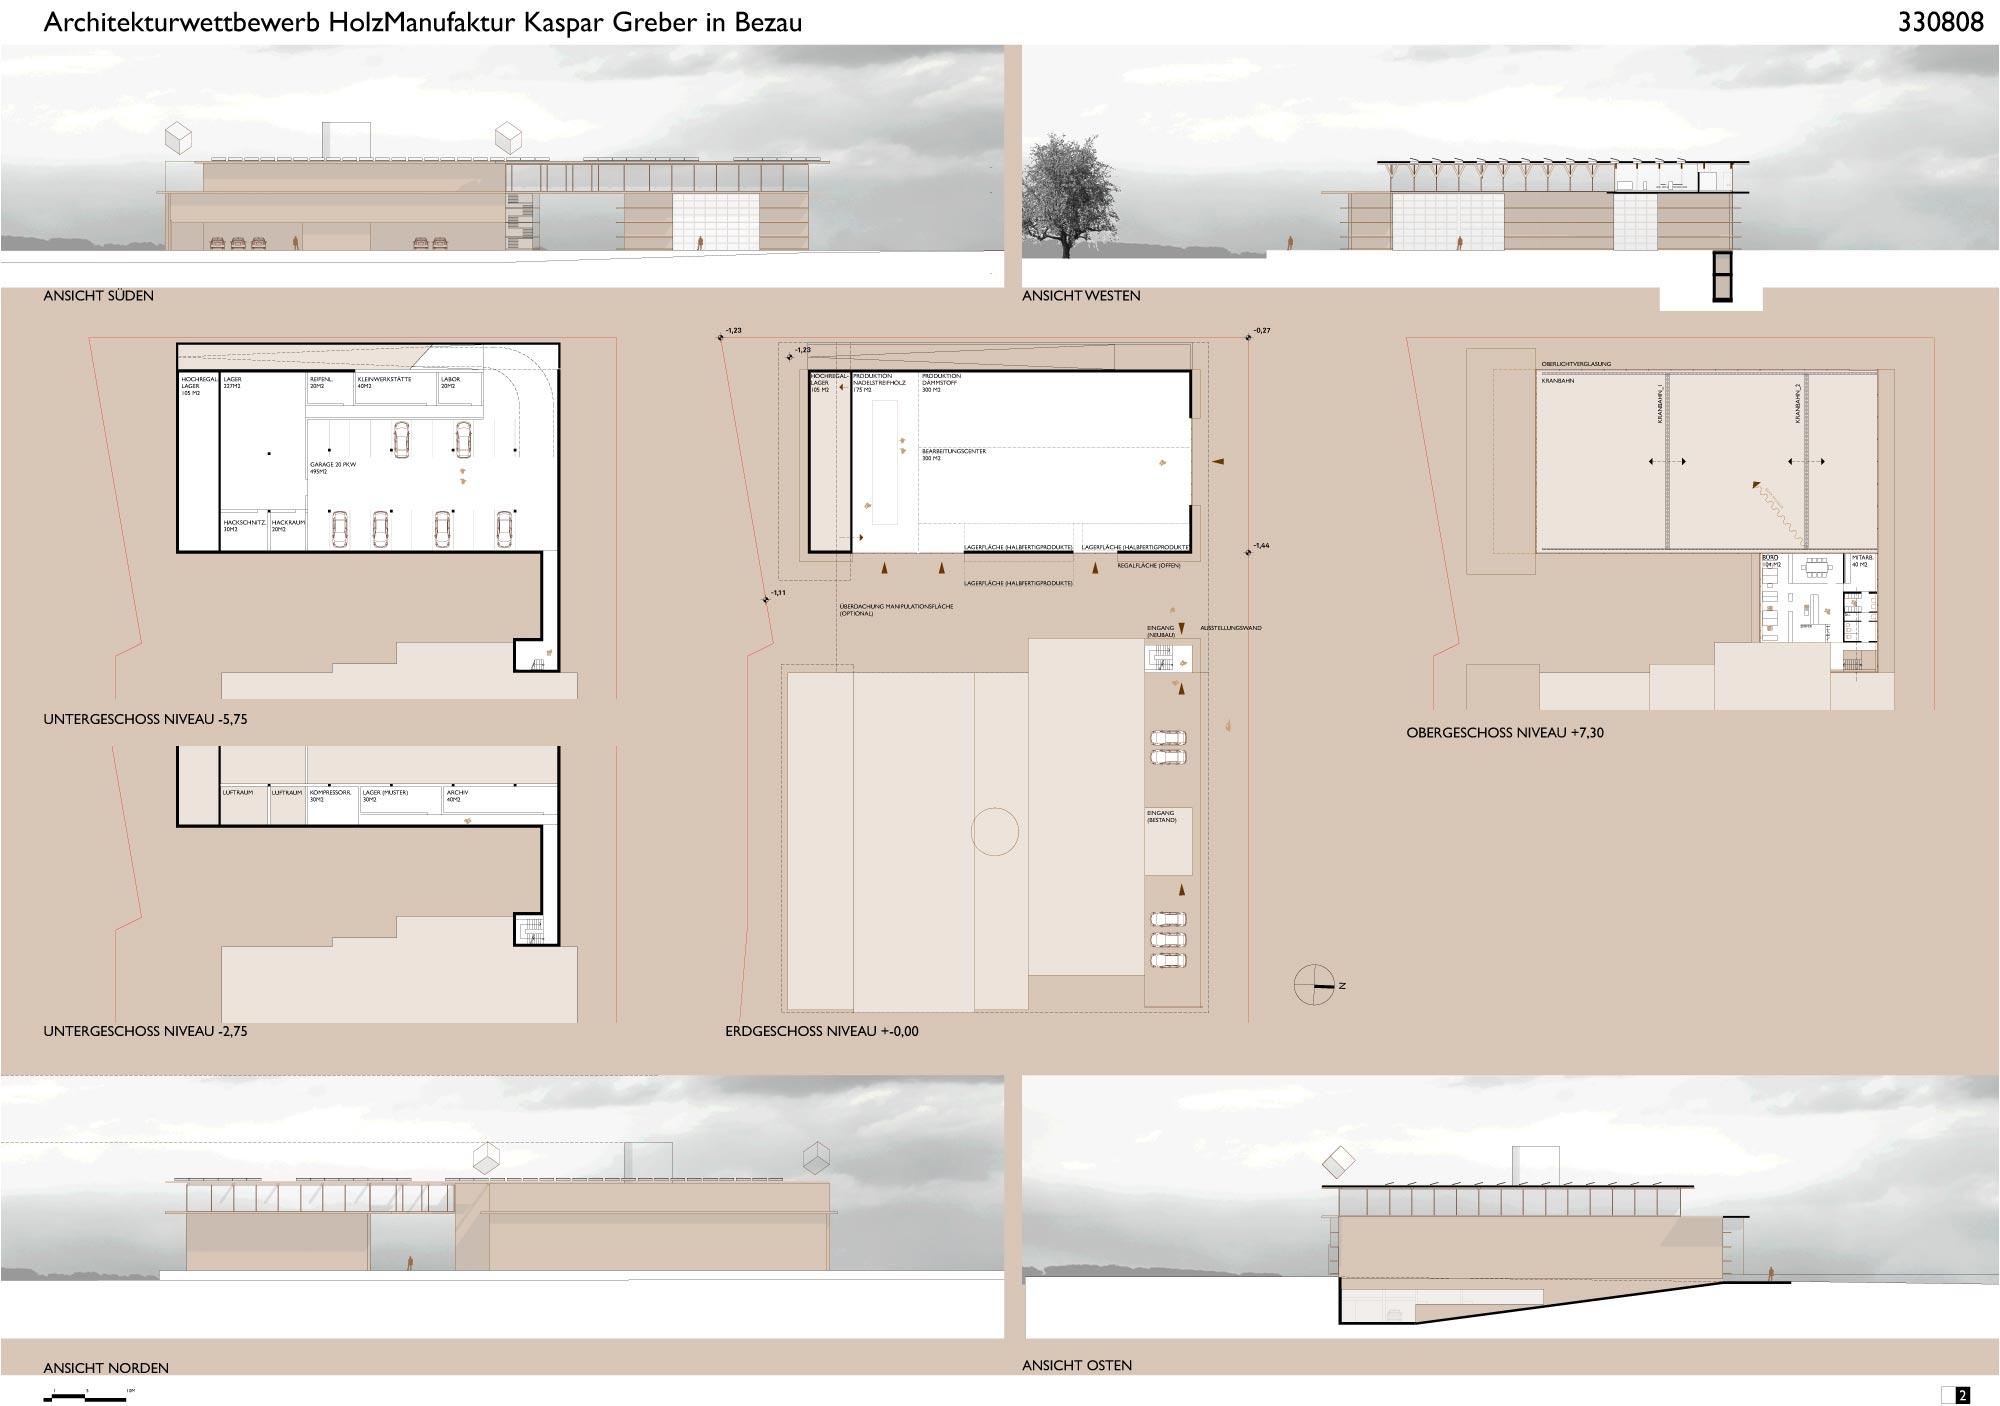 Holzmanufaktur München result holzmanufaktur kaspar greber competitionline